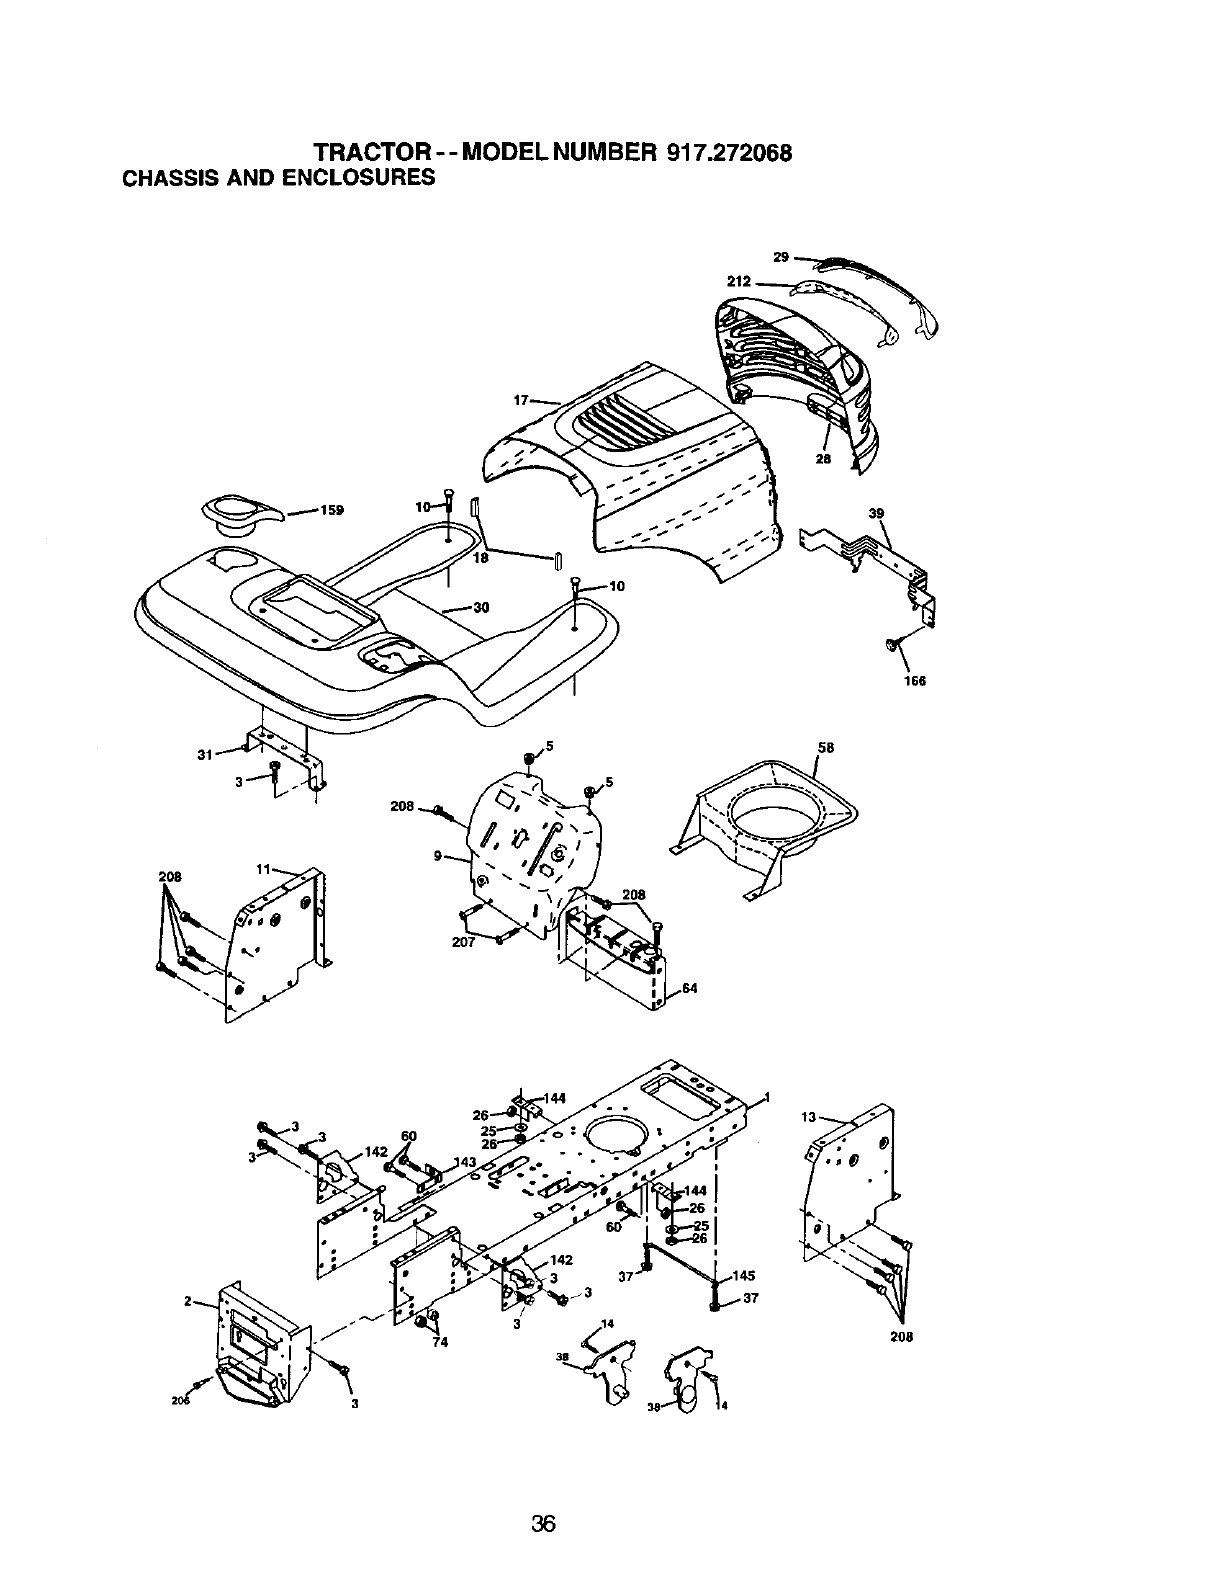 Craftsman 917.272068 TRACTOR